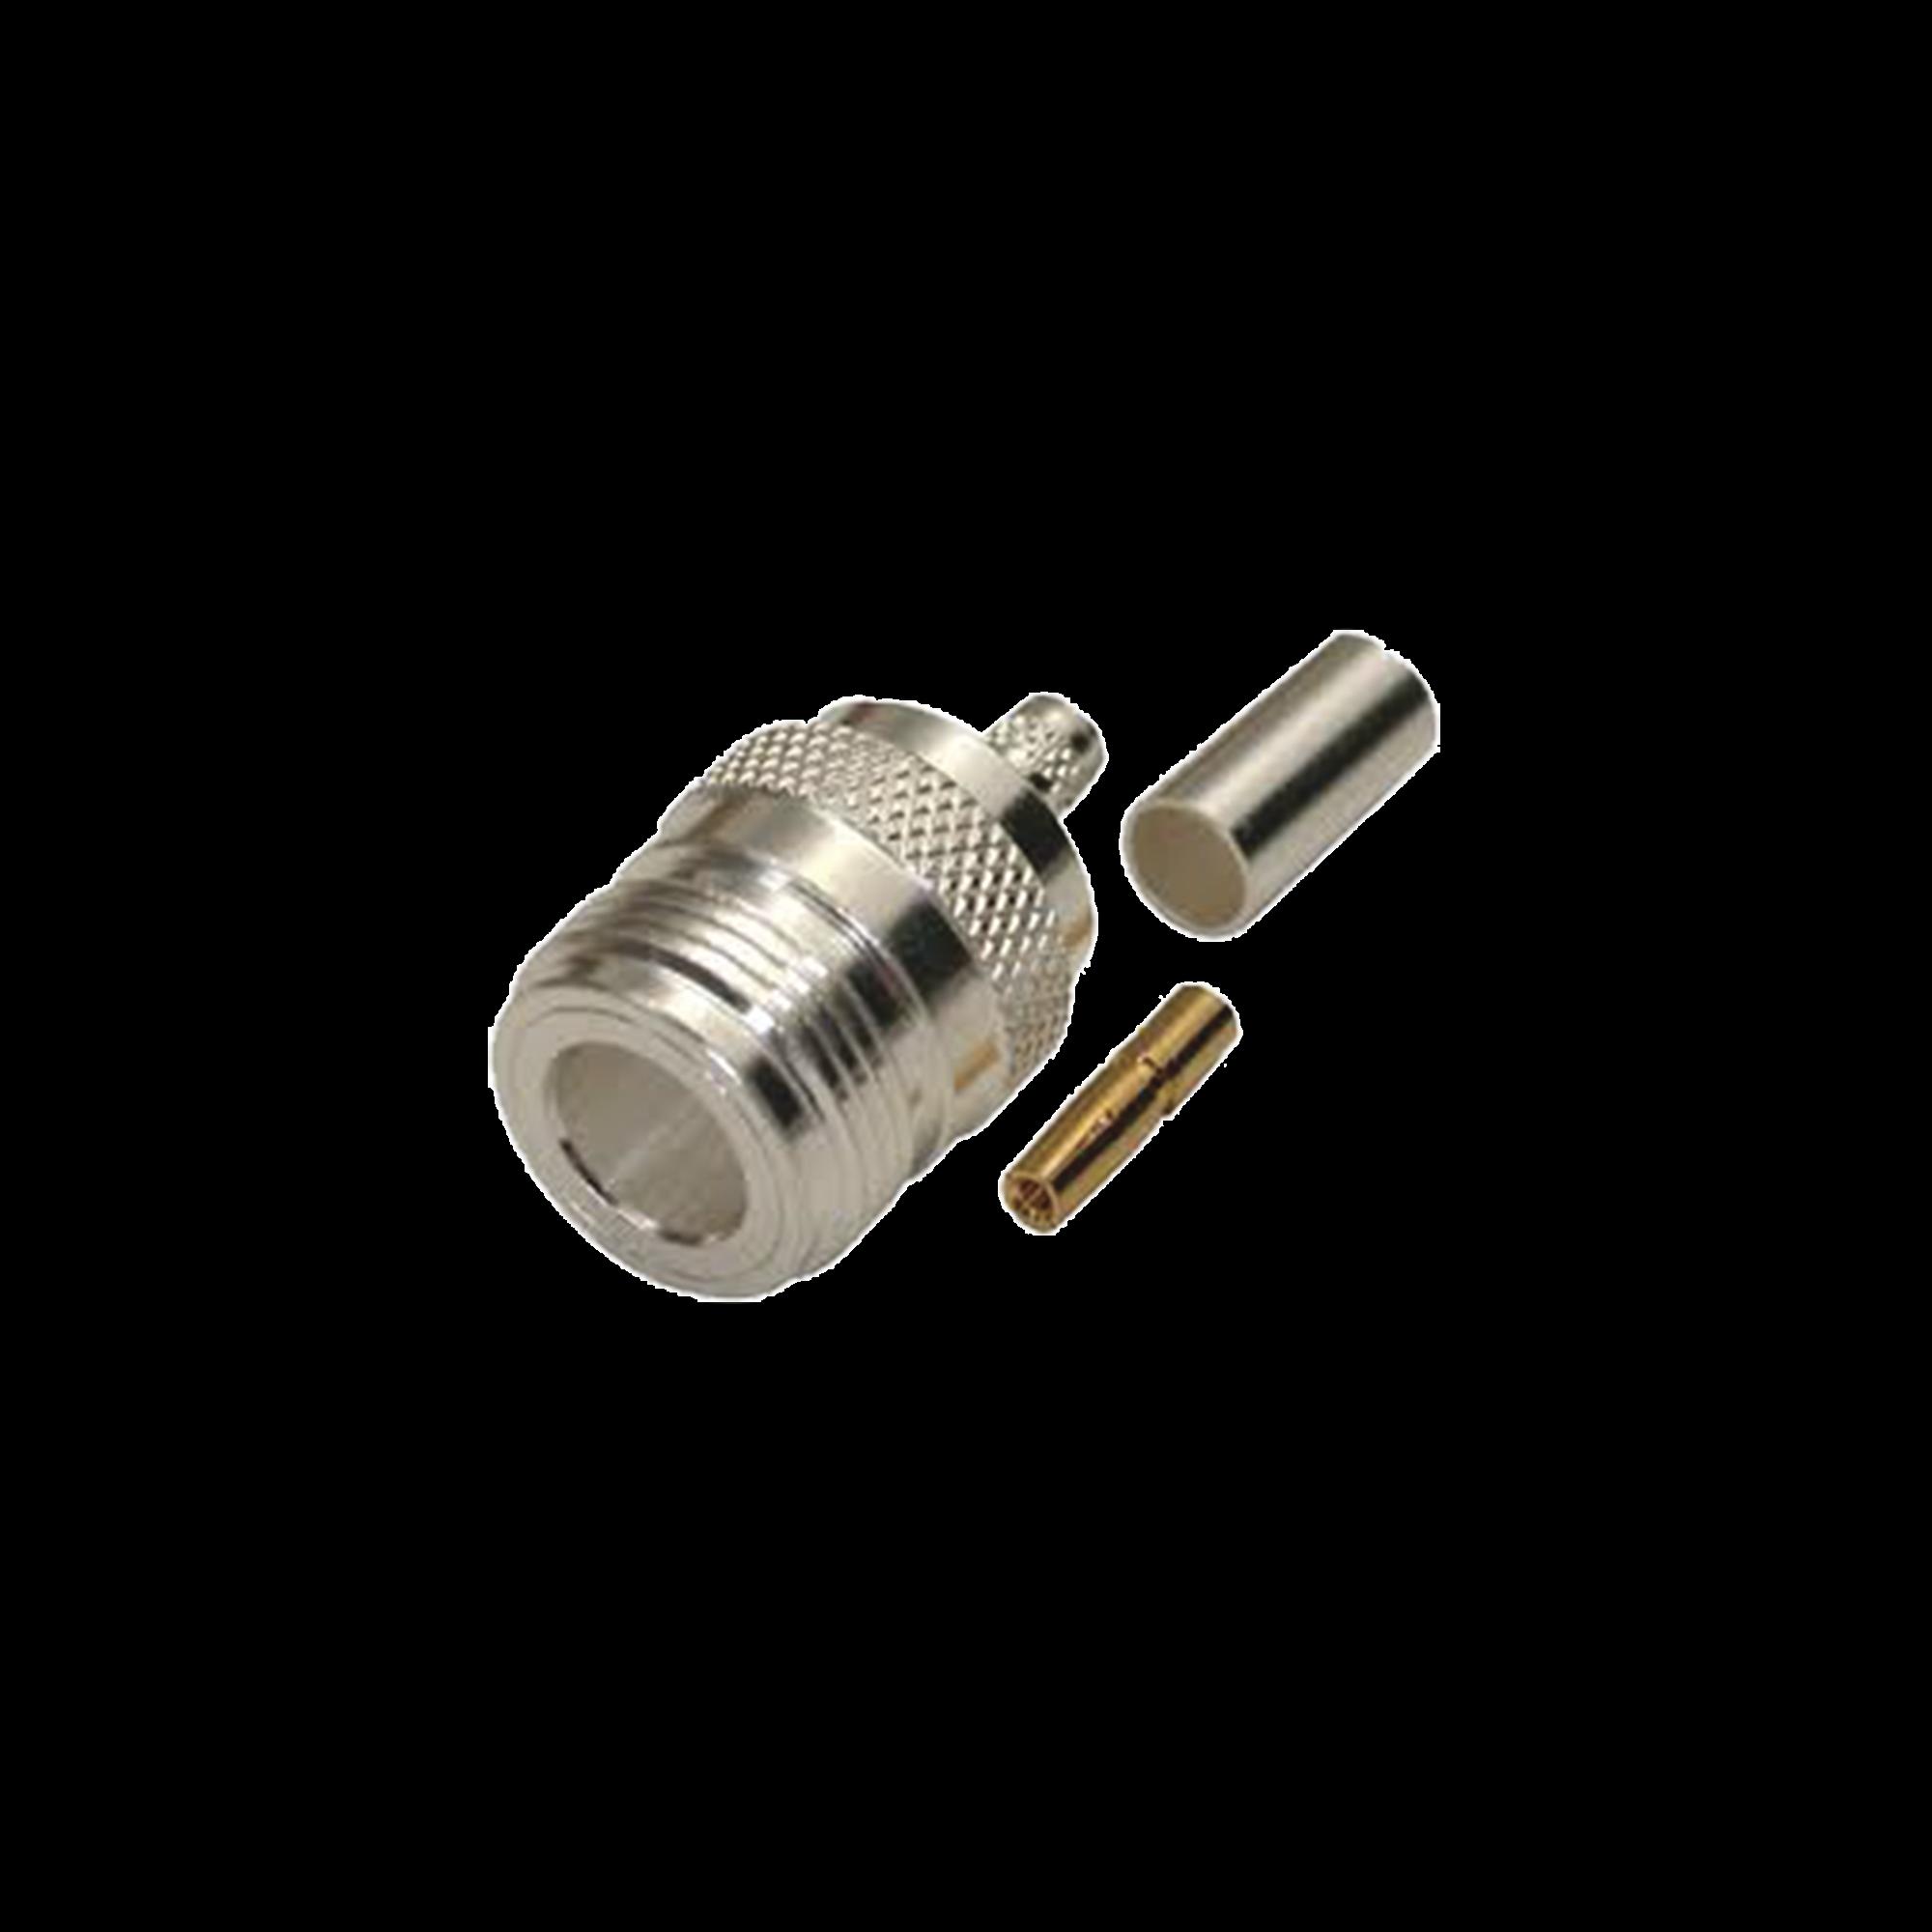 Conector N Hembra, de Anillo Plegable para Cables LMR-240, RG-8/X, 9258, Niquel/Oro/Teflón.